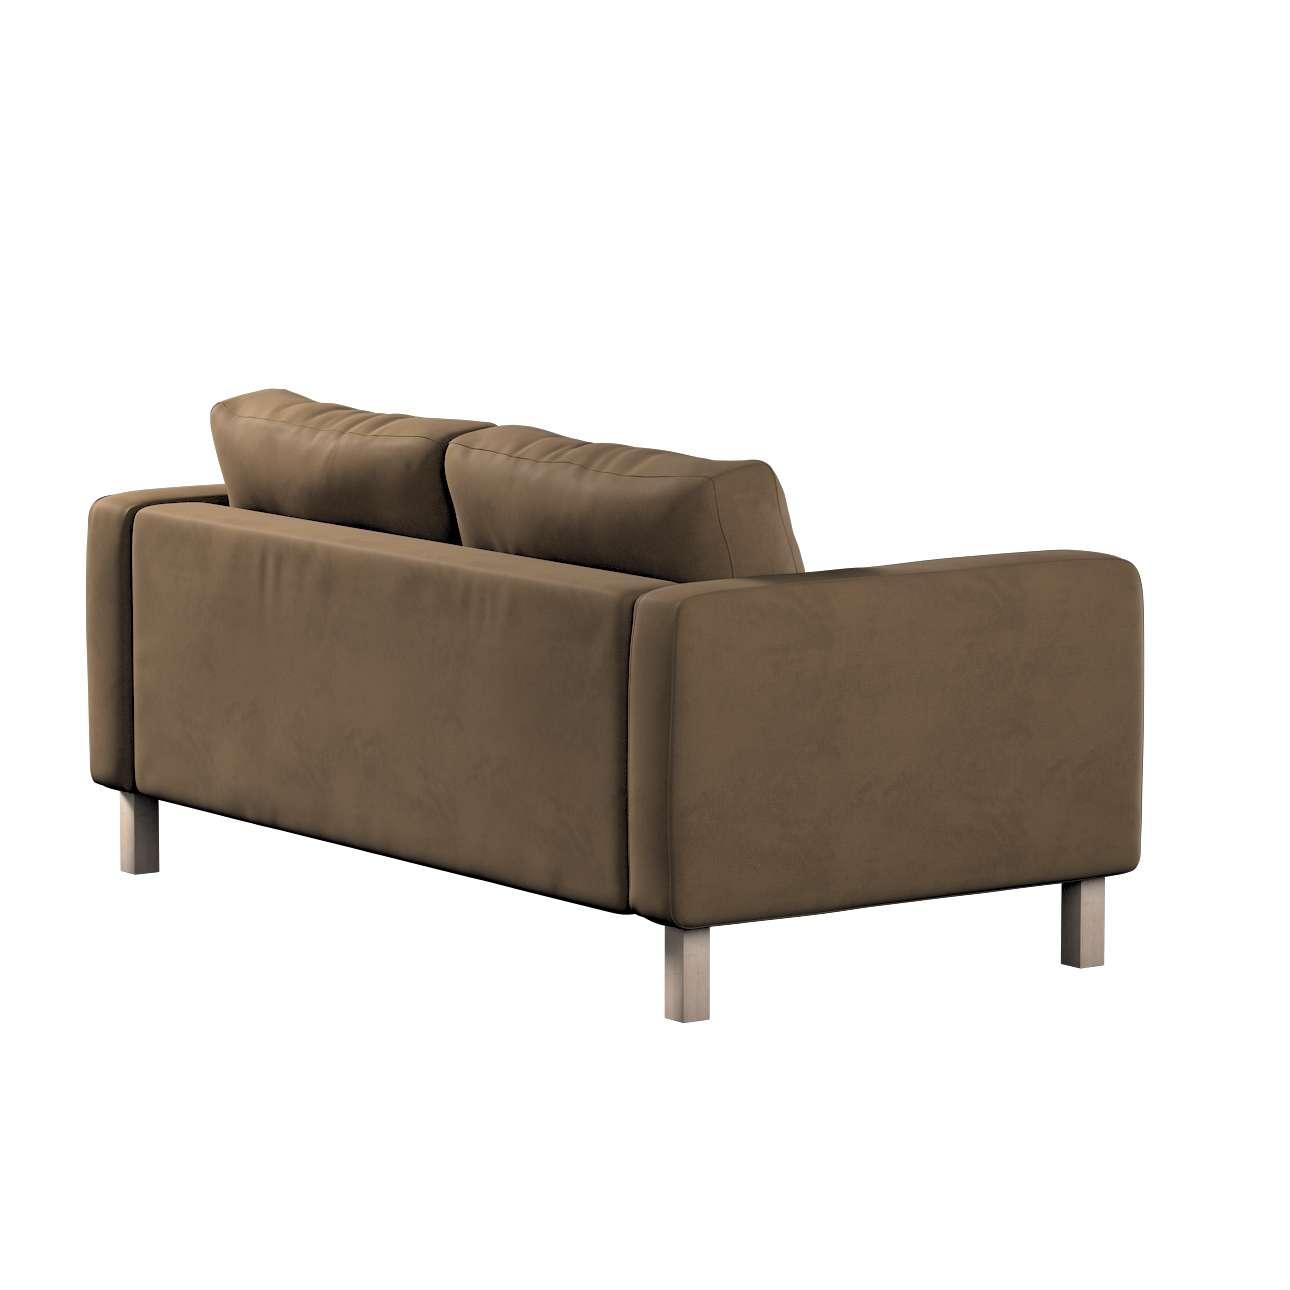 Pokrowiec na sofę Karlstad 2-osobową nierozkładaną krótki w kolekcji Living, tkanina: 160-94